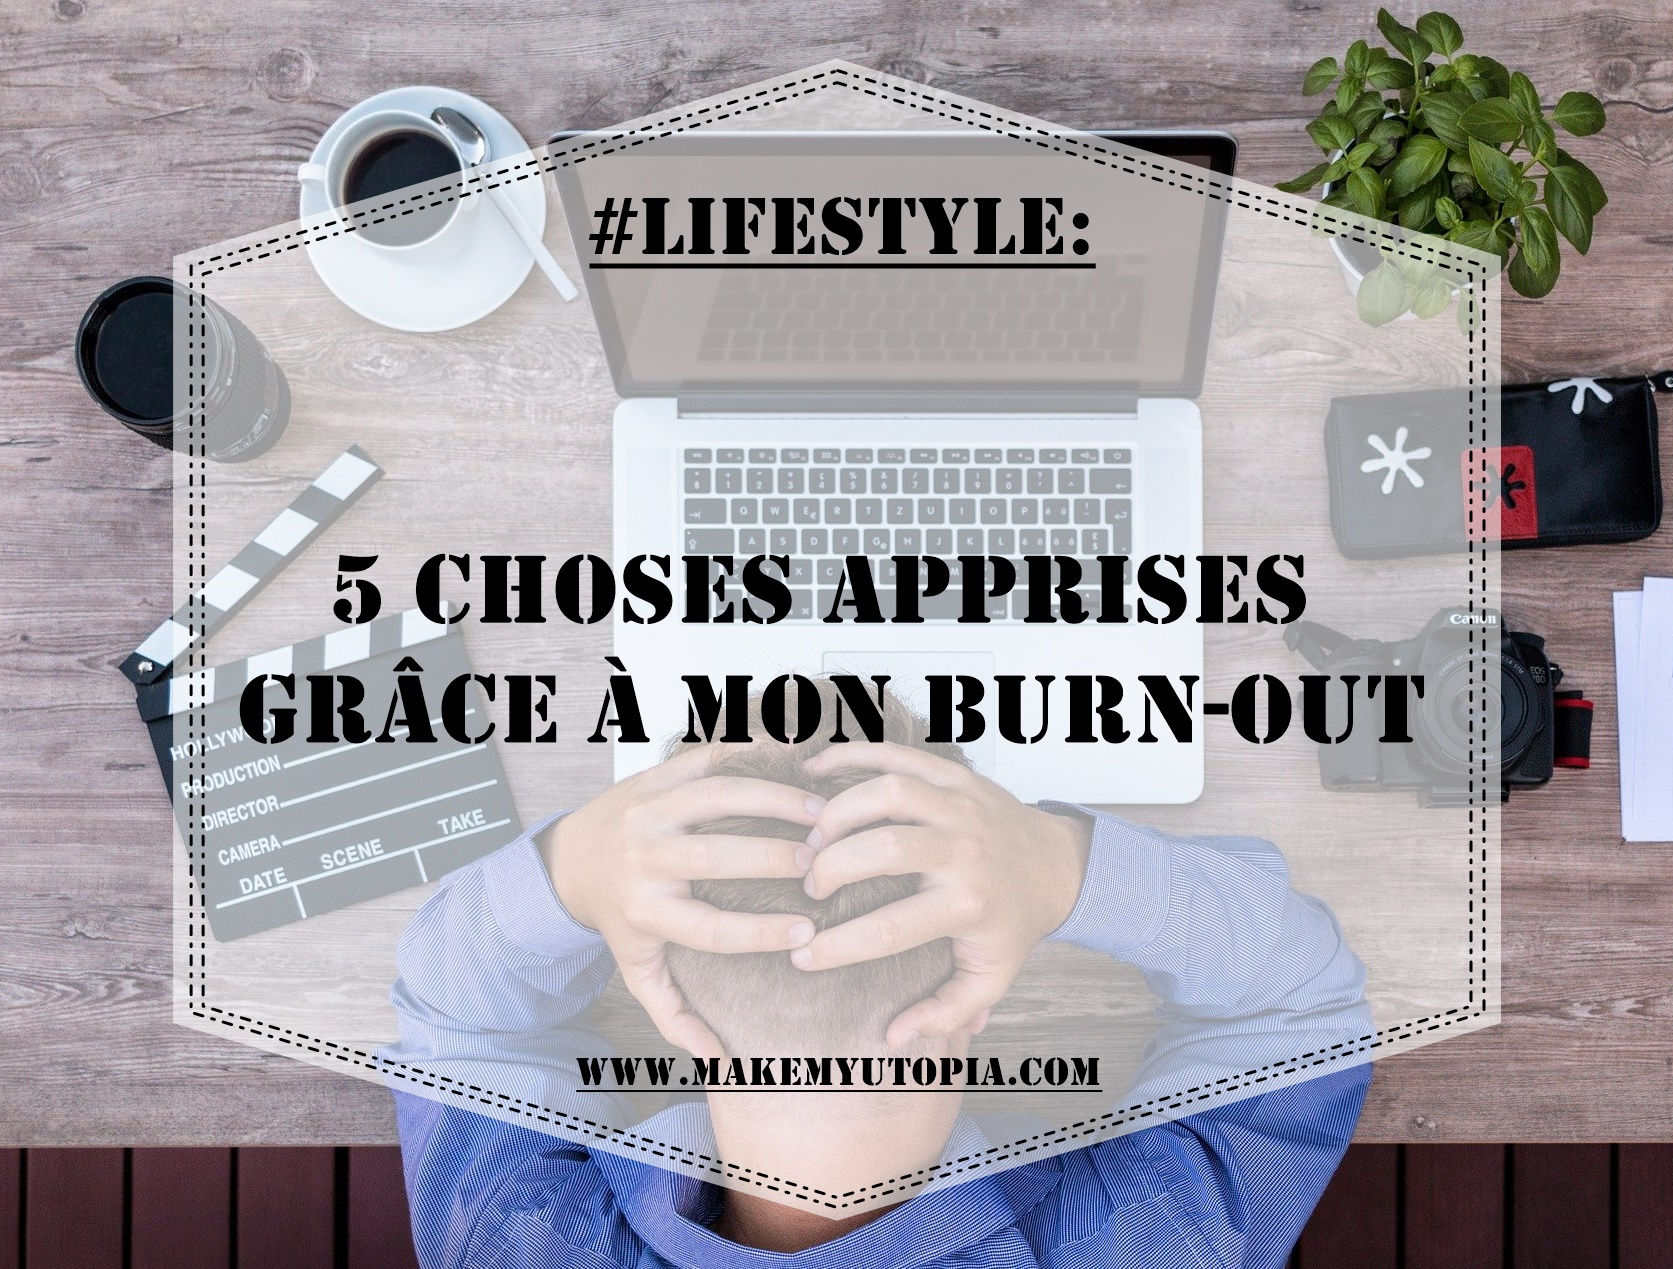 #LIFESTYLE choses apprises grace burnout www.makemyutopia.com